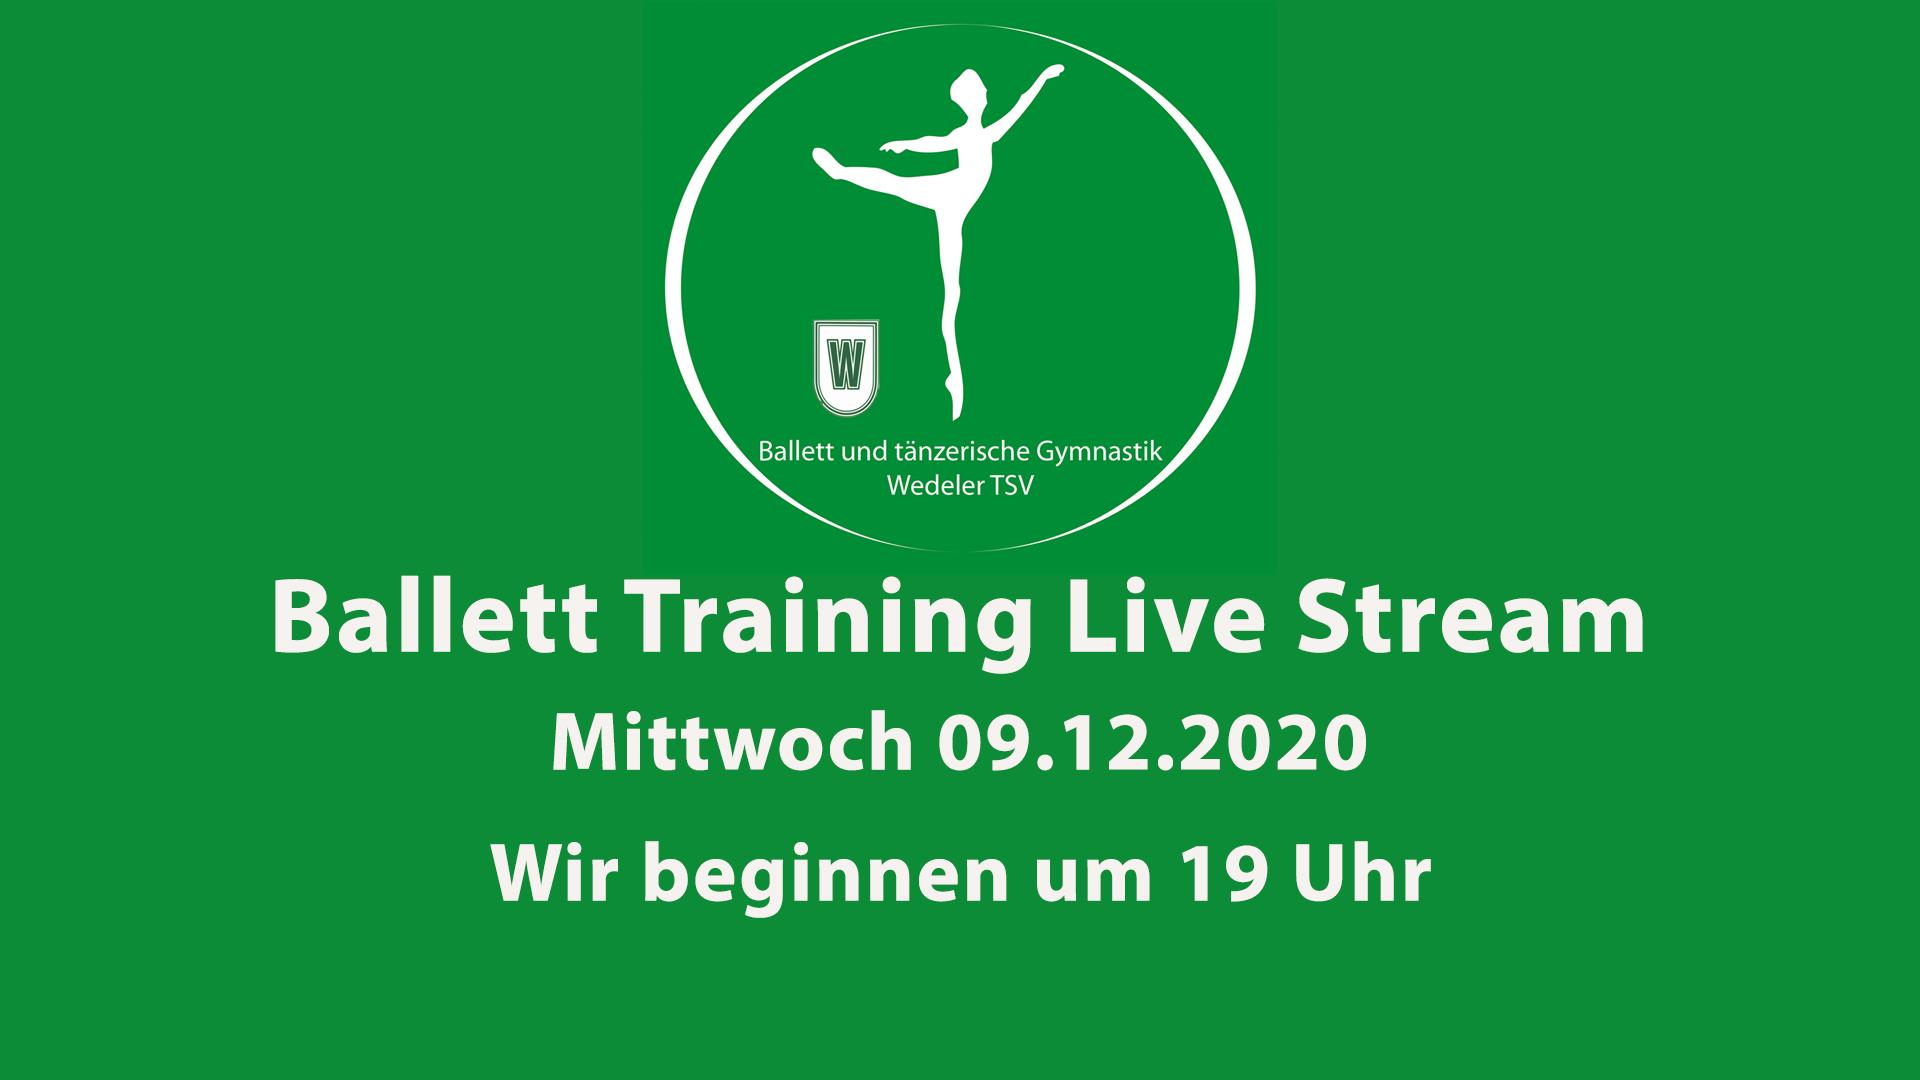 Ballett Training Livestream Mi 09.12.2020 Beginn: 19 Uhr